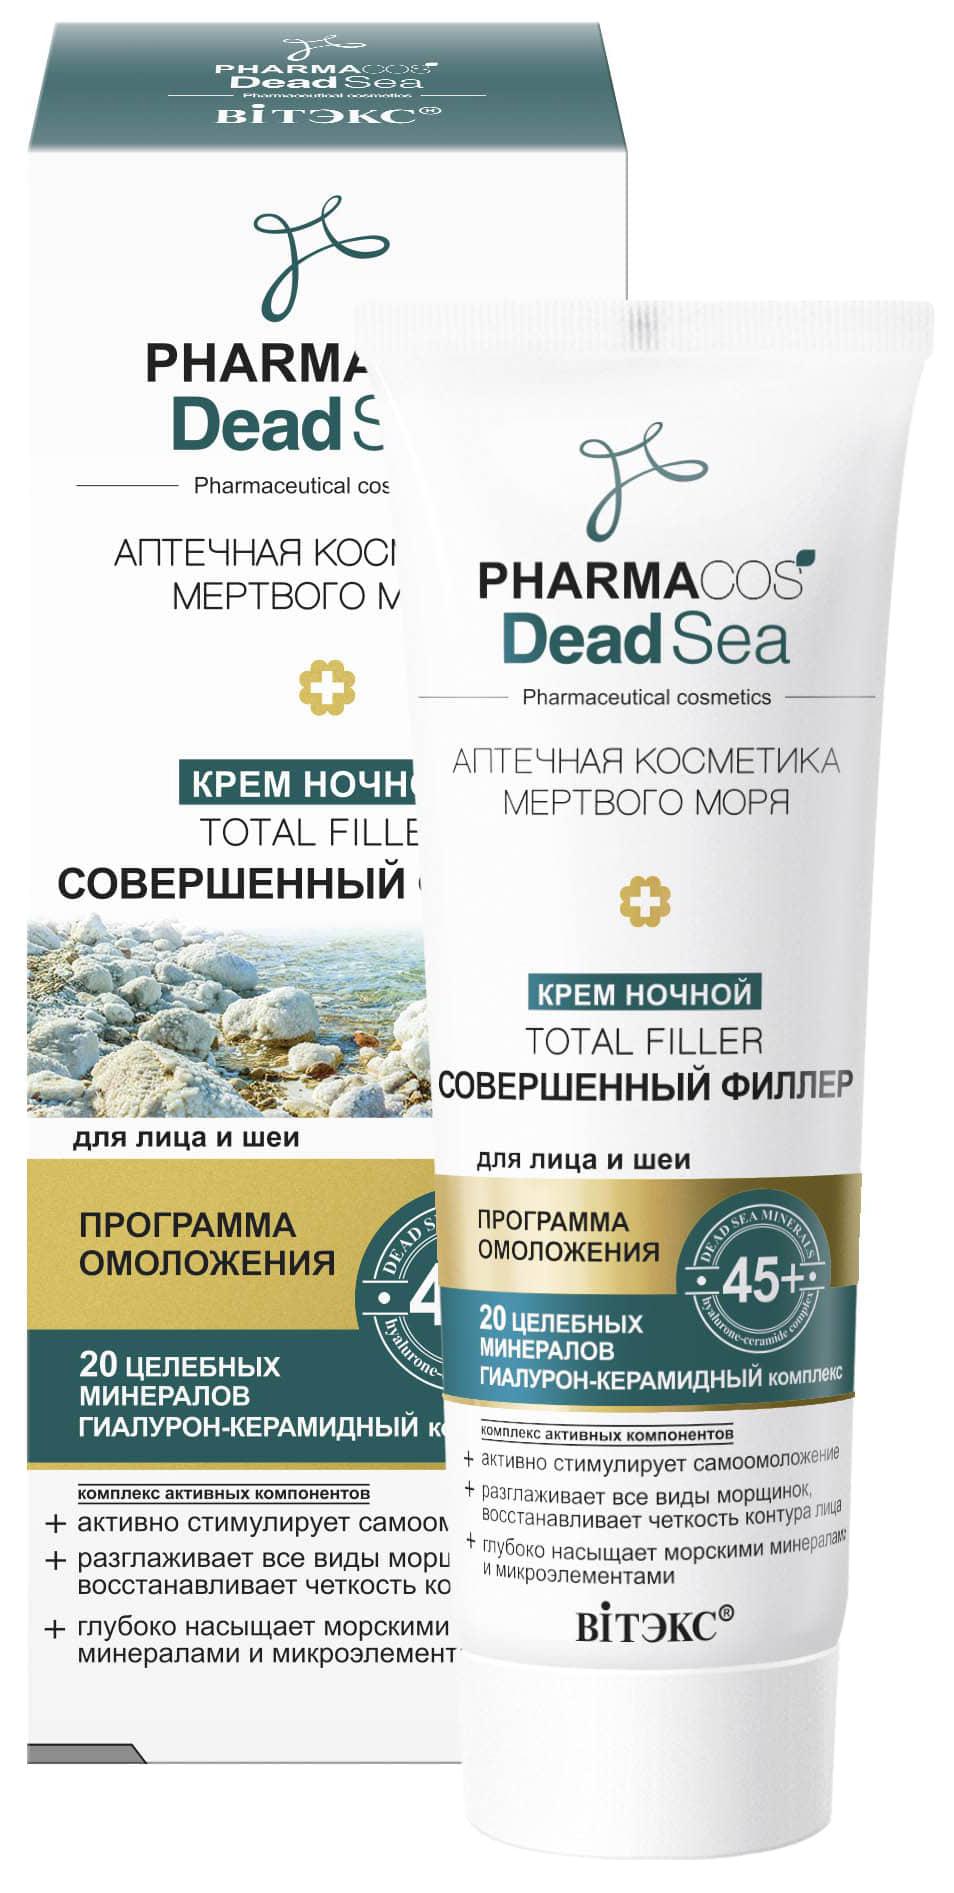 Крем для лица Витэкс Pharmacos dead sea 45+ Total Filler Совершенный филлер Ночной